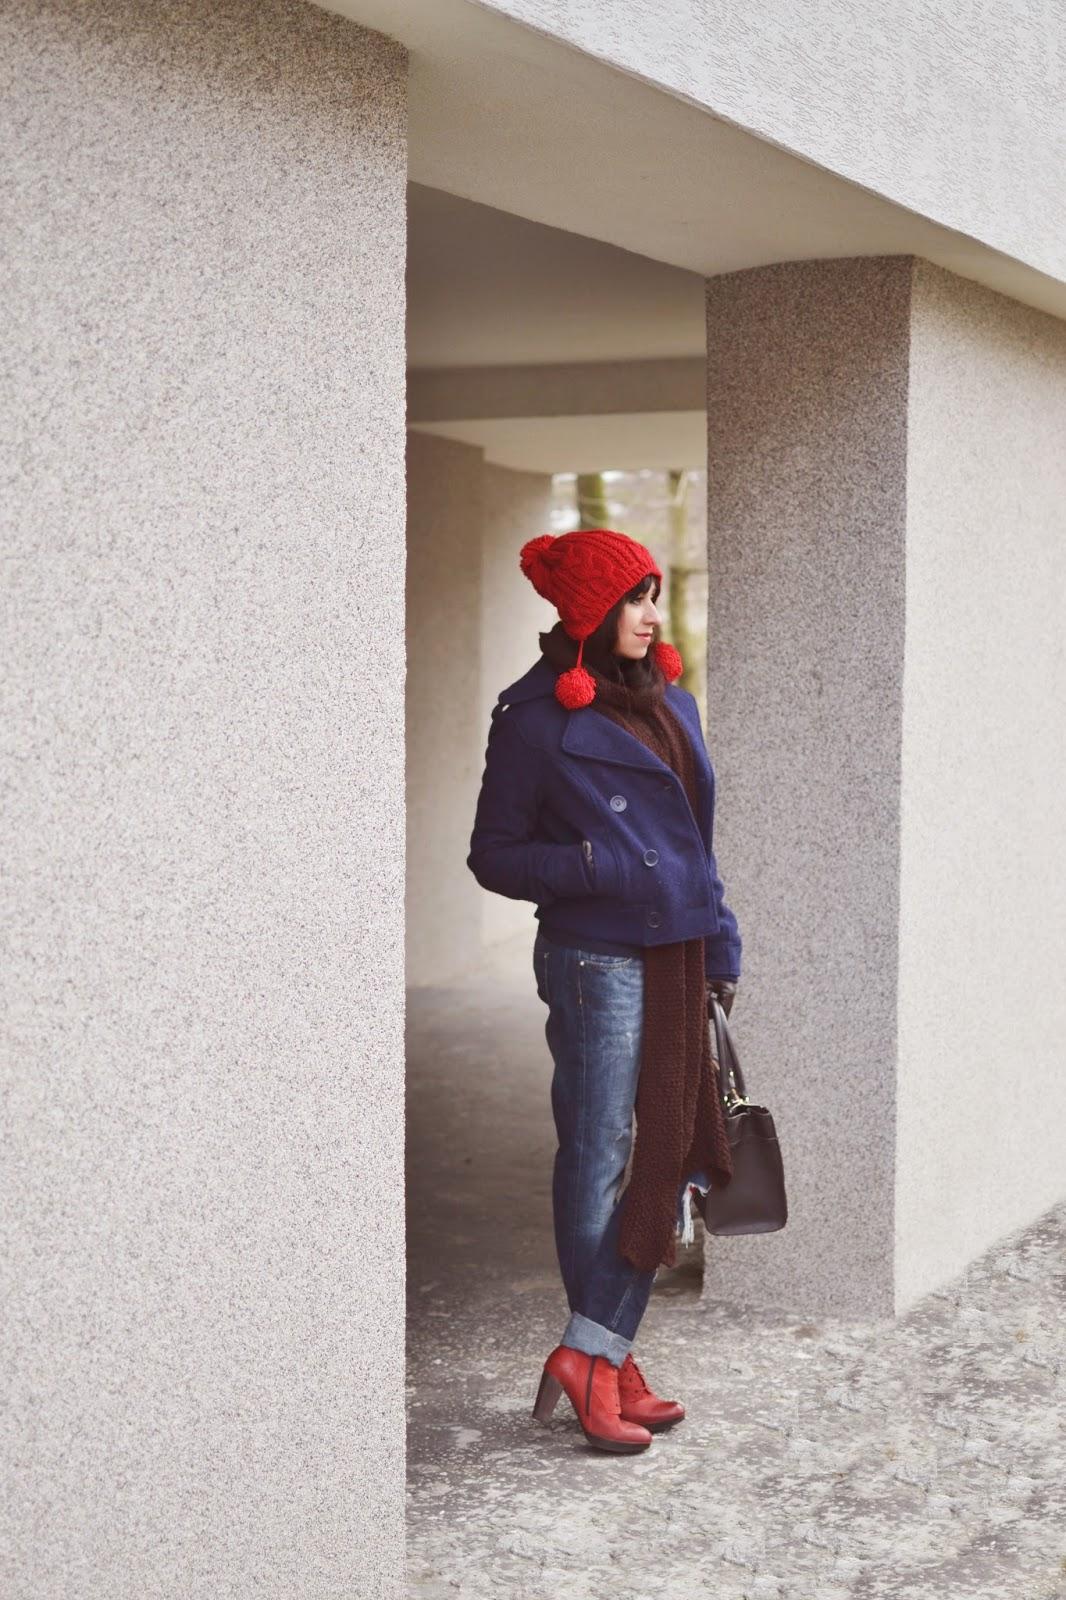 Spontánne versus plánovane_Katharine-fashion is beautiful_Červené pančuchy_Roztrhané džínsy_Červené členkové čižmy_Katarína Jakubčová_fashion blogger